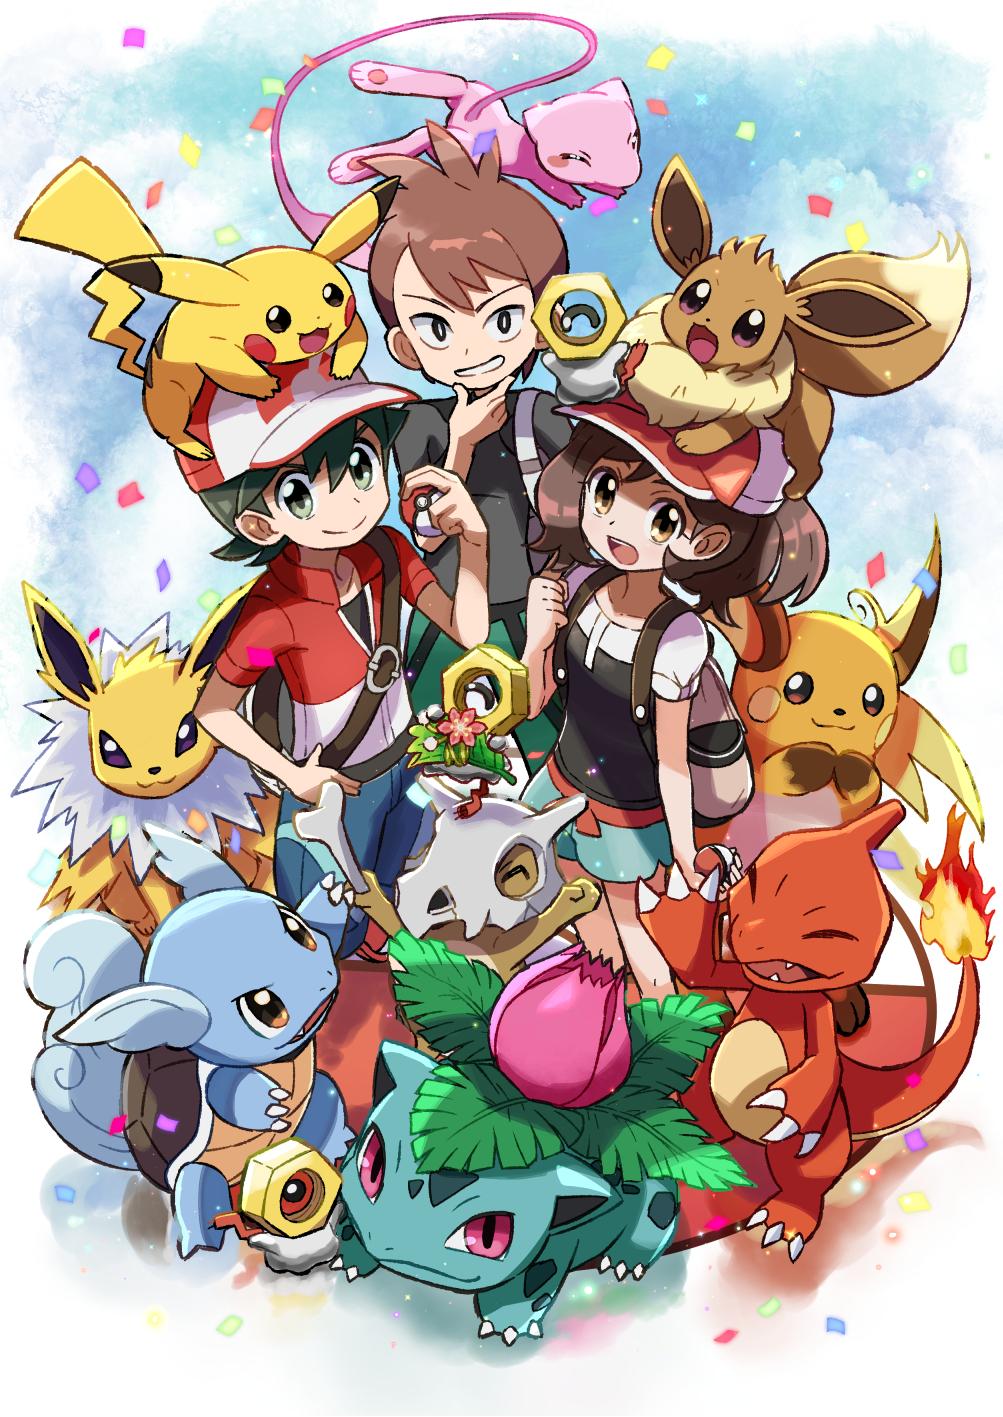 Shin Pokemon Let S Go Pikachu Let S Go Eevee Pokemon